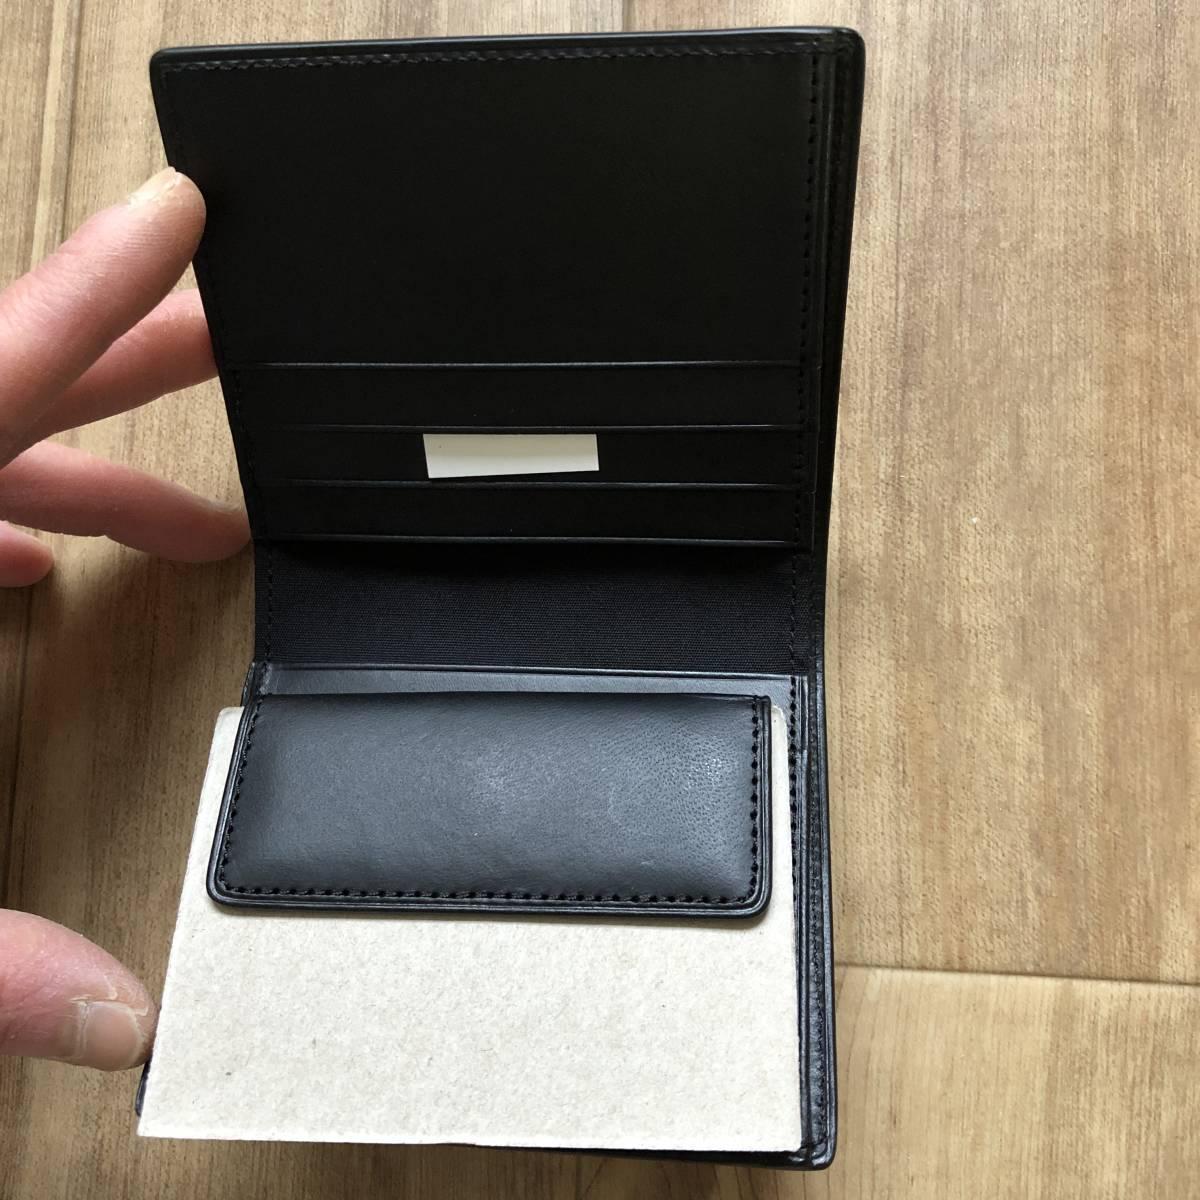 父の日のプレゼントに 無印良品 二つ折り財布 イタリア産ヌメ革 コインポケット付 黒 新品未使用_画像3